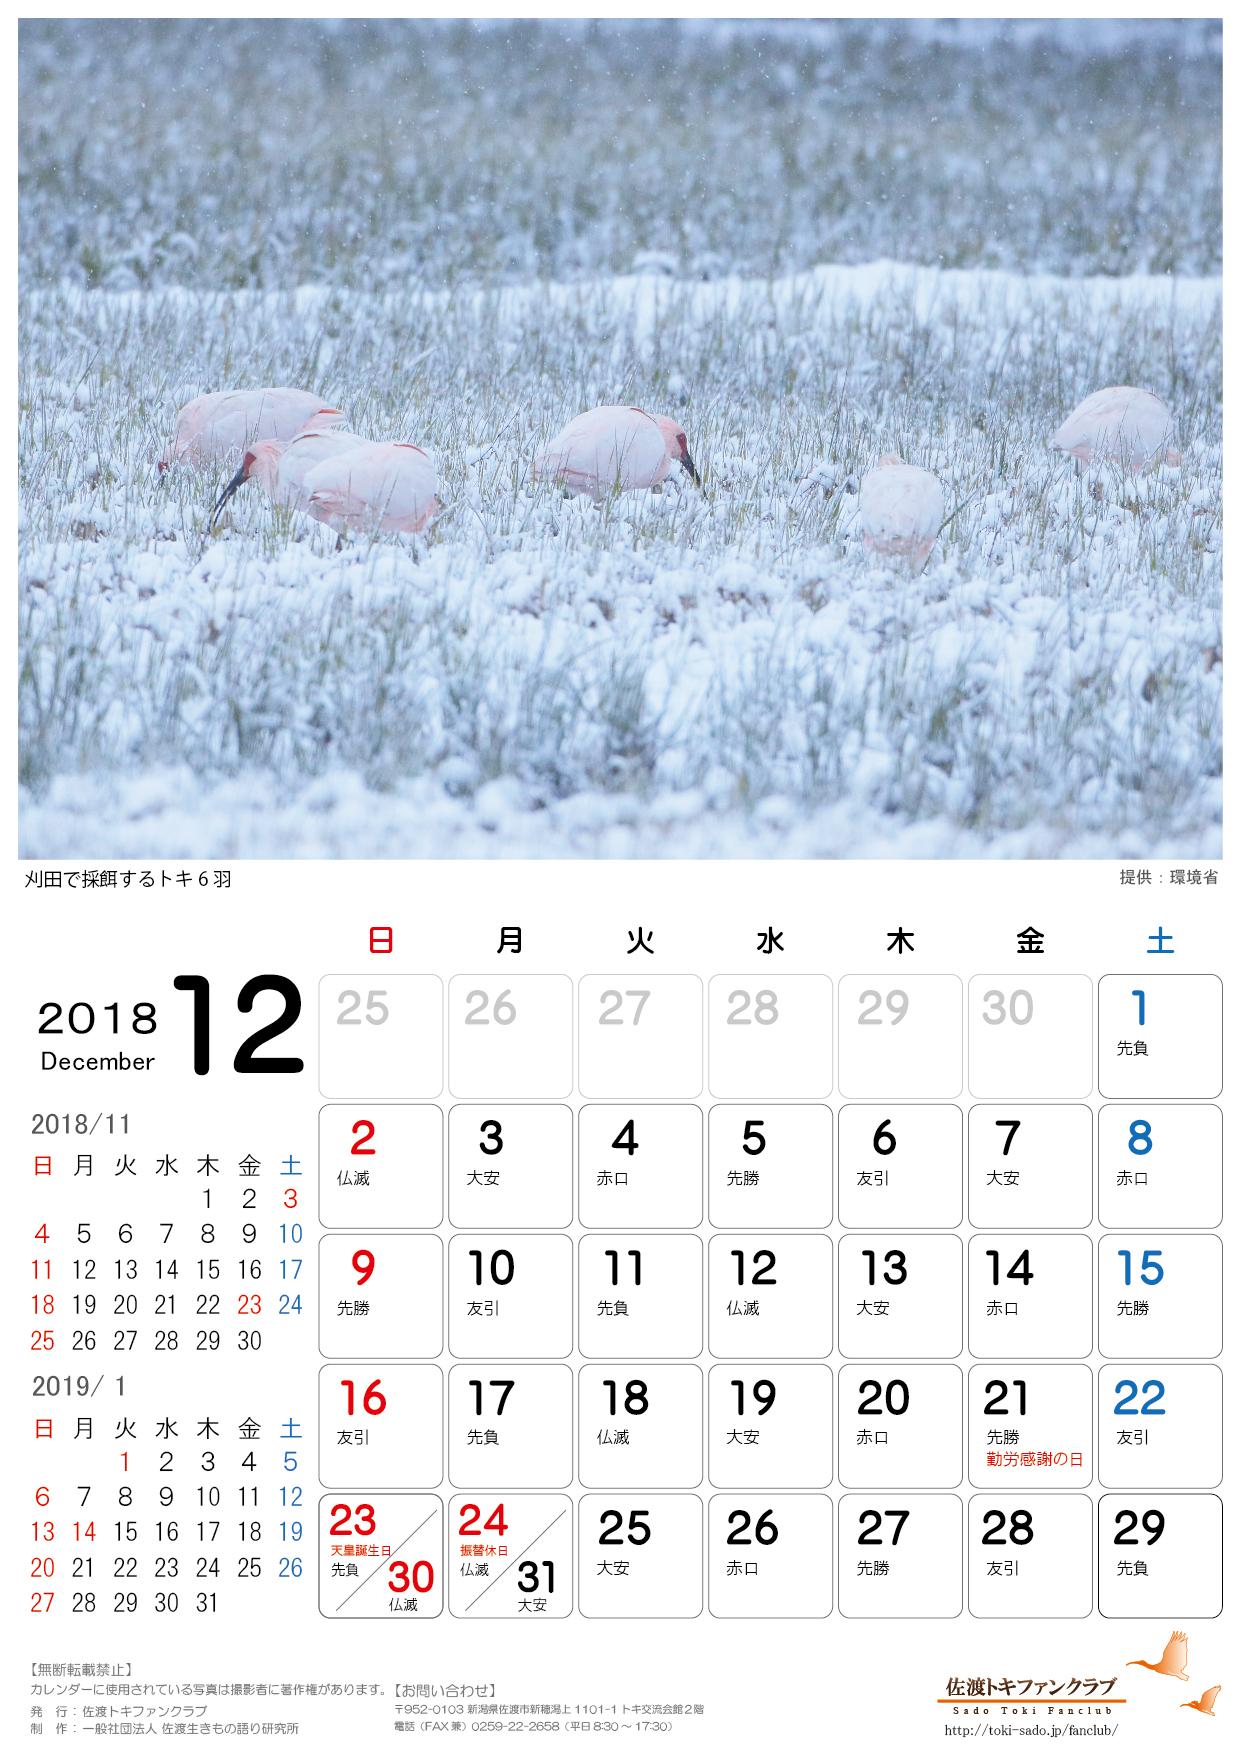 2018年トキカレンダー11月 12月無料配信のお知らせ 佐渡トキファンクラブ